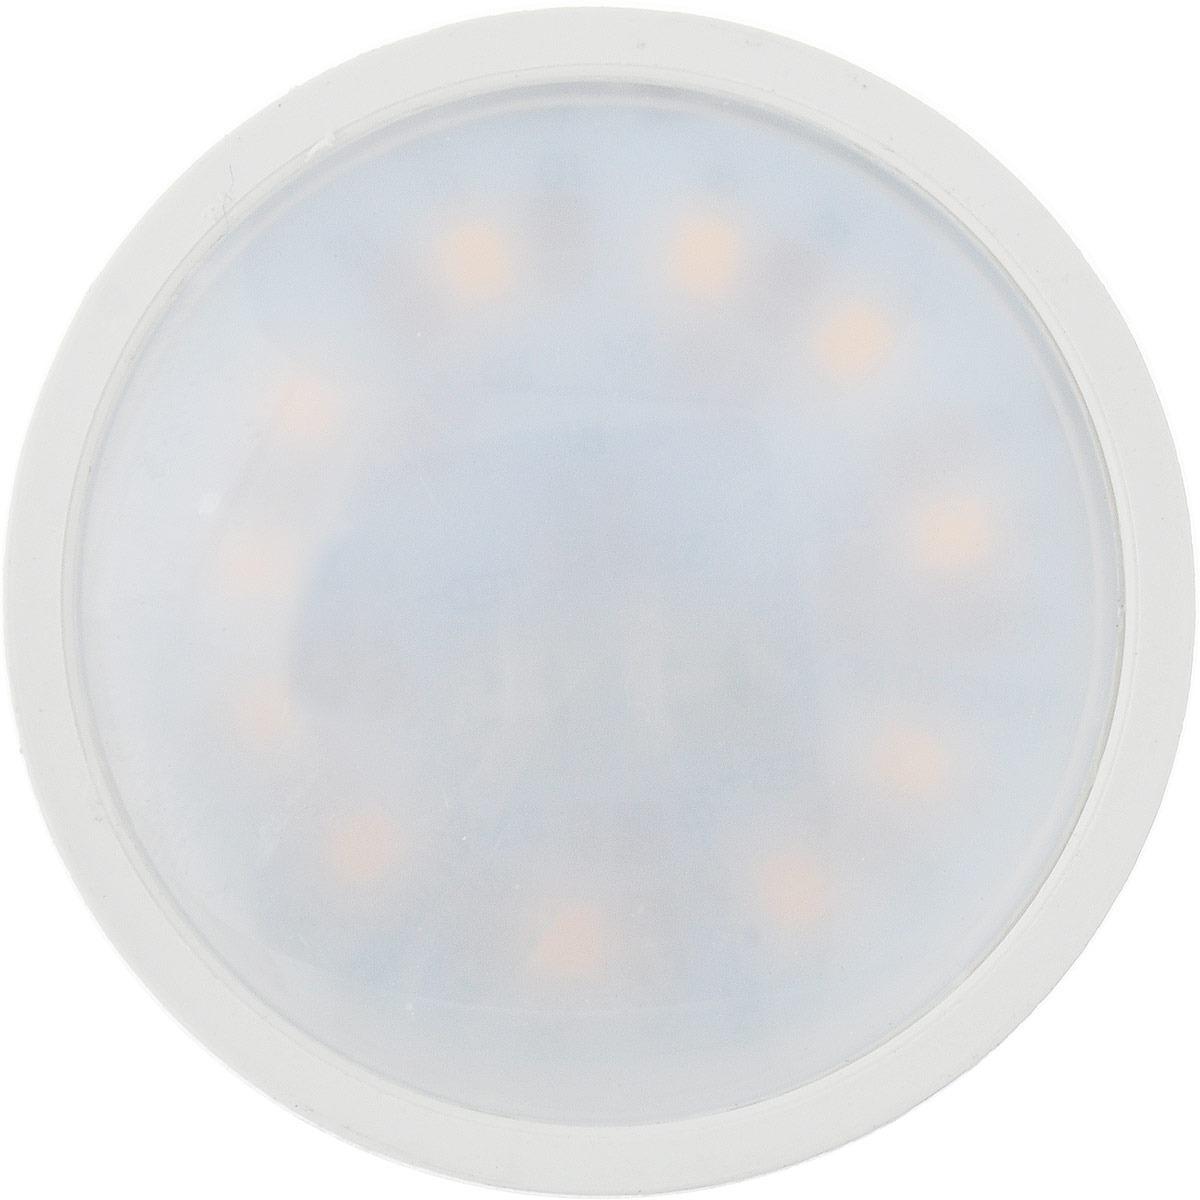 Лампа светодиодная Космос MR16 220V, теплый свет, цоколь GU5.3, 10.5W, LkecLED10.5wJCDRC30LkecLED10.5wJCDRC30ДЕКОРАТИВНАЯ СВЕТОДИОДНАЯ ЛАМПА JCDR 10.5 Вт цоколь GU5.3 серии Космос BASIC является аналогом лампы накаливания 90 Вт.В основе лампы используются чипы от мирового лидера Epistar- что обеспечивает надежную и стабильную работу в течение всего срока службы (25 000 часов). До 90% экономии энергии по сравнению с обычной лампой накаливания (сопоставимы по размеру); стабильный световой поток в течение всего срока службы; экологическая безопасность (не содержит ртути и тяжелых металлов); мягкое и равномерное распределение света повышает зрительный комфорт и снижает утомляемость глаз; благодаря высокому индексу цветопередачи свет лампы комфортен и передает естественные цвета и оттенки; инструкция по эксплуатации и гарантийный талон - в комплекте.